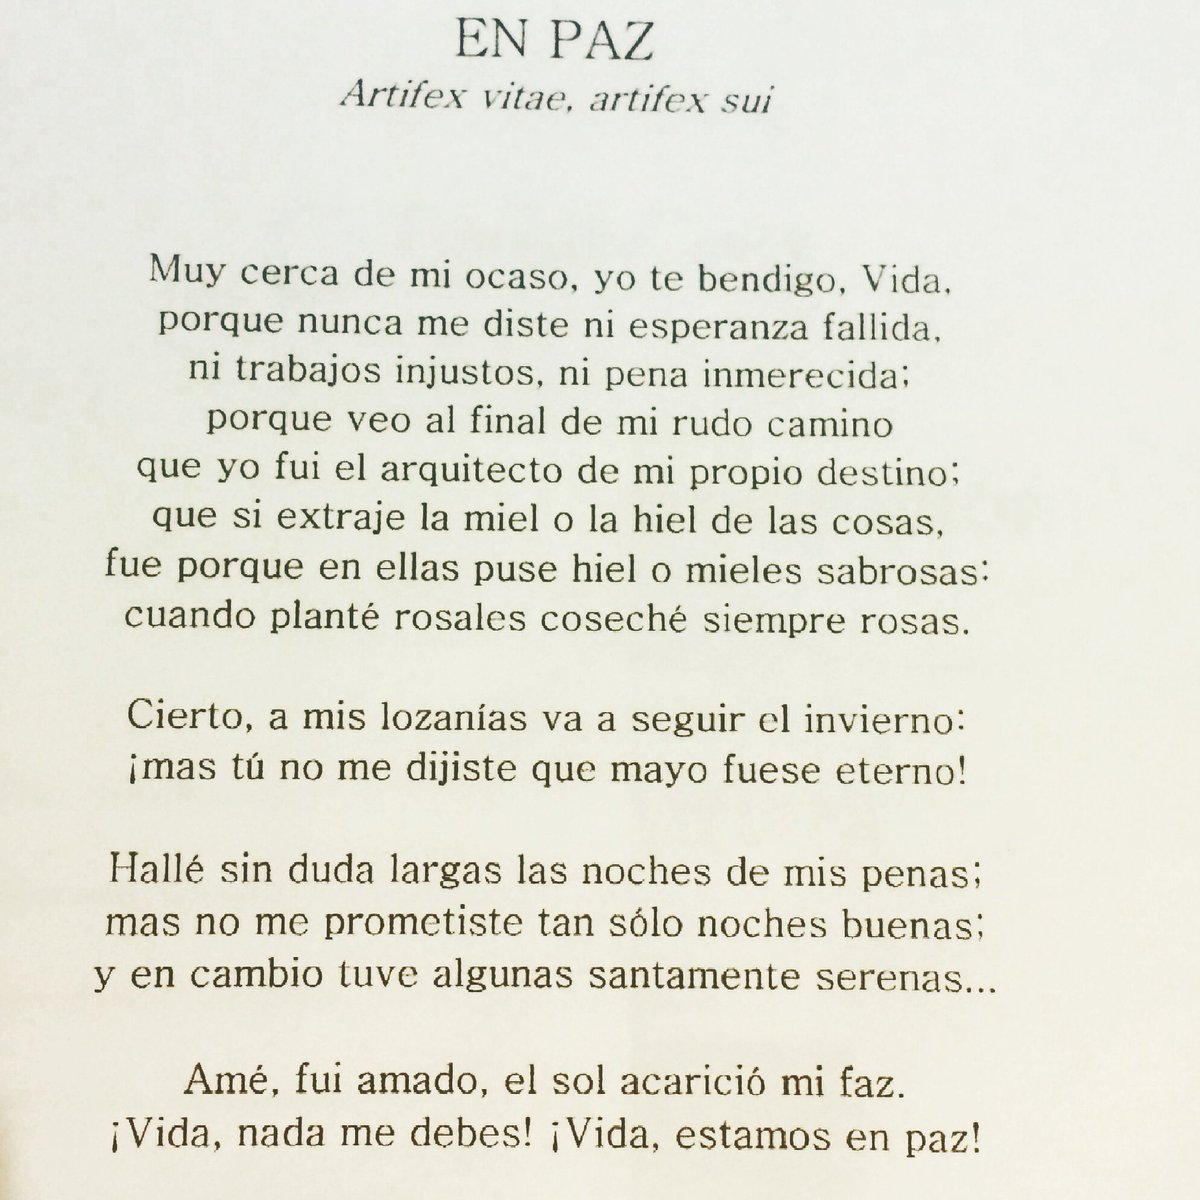 Poetas Hispanos On Twitter Leamos Uno De Los Mejores